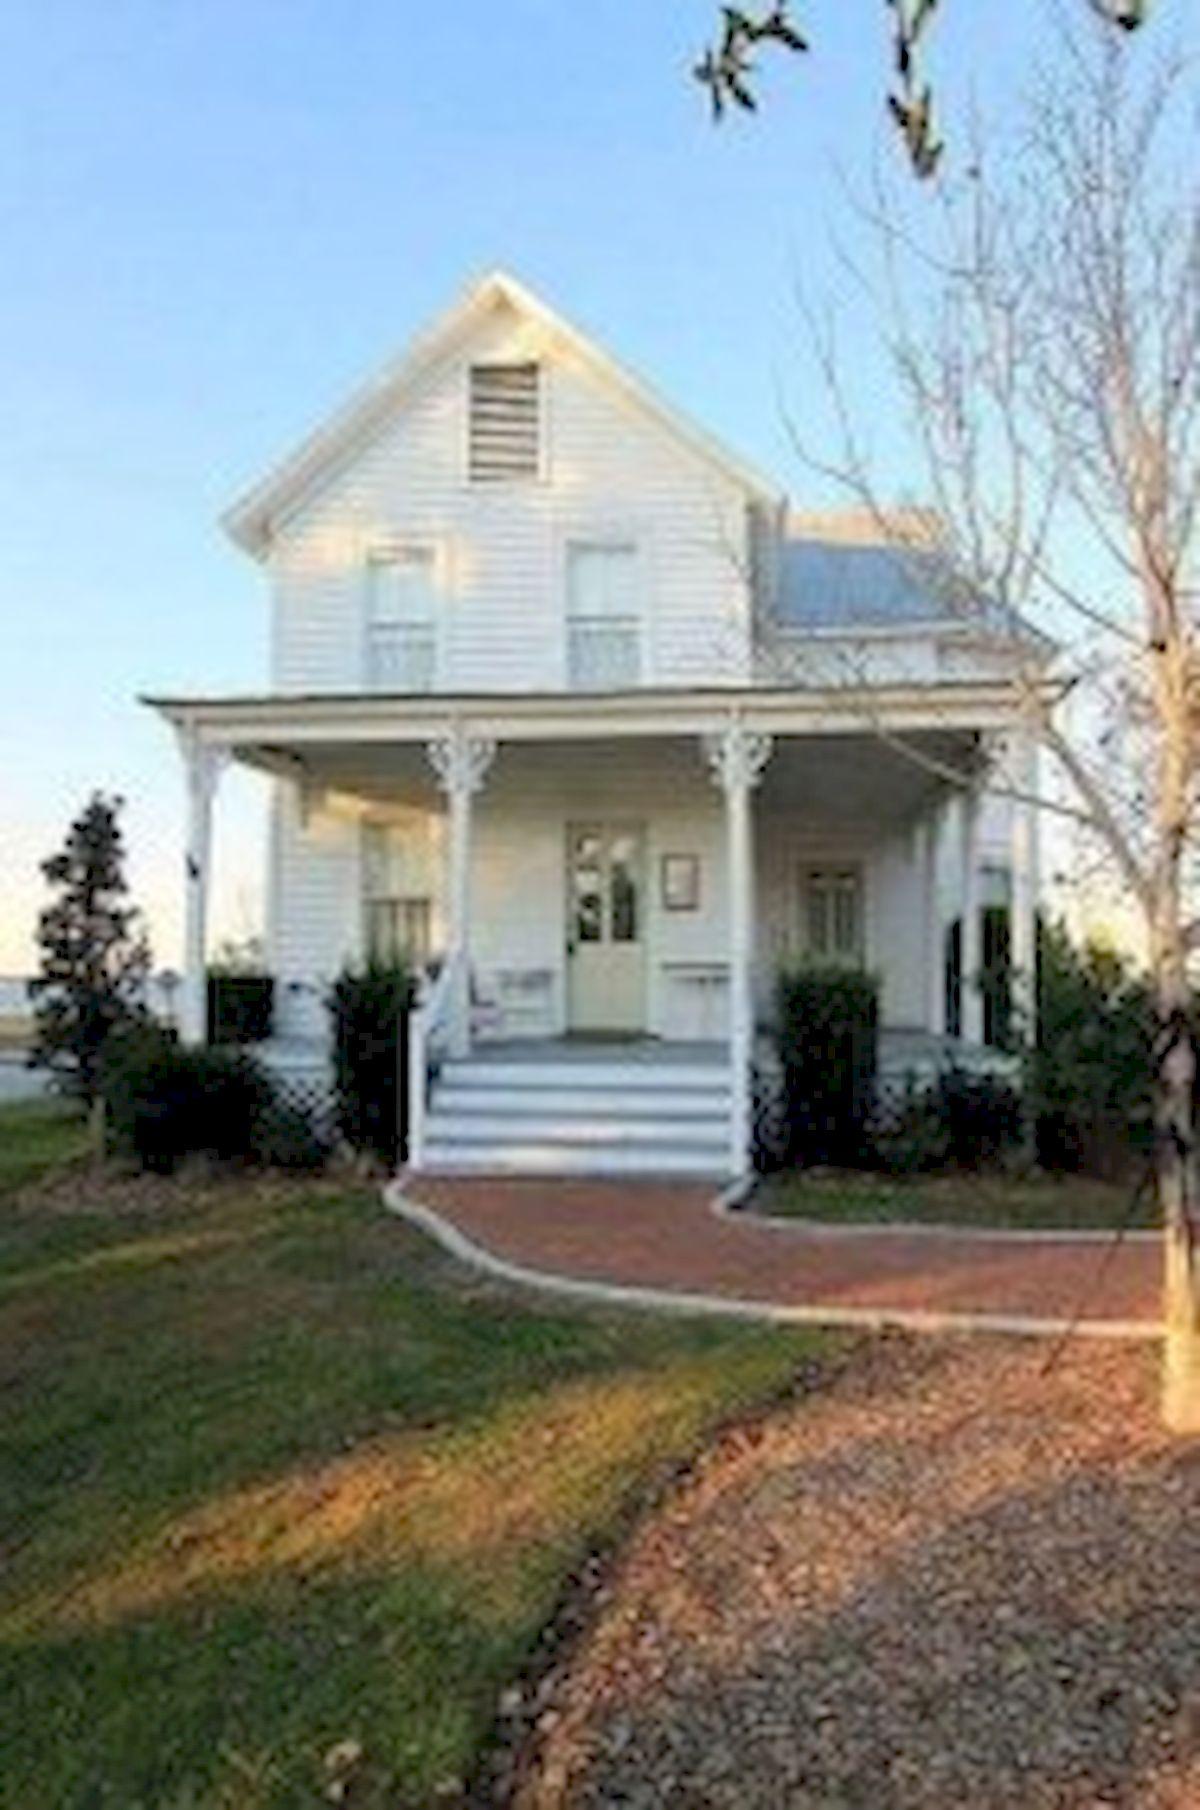 46 Awesome Farmhouse Home Exterior Design Ideas (8)